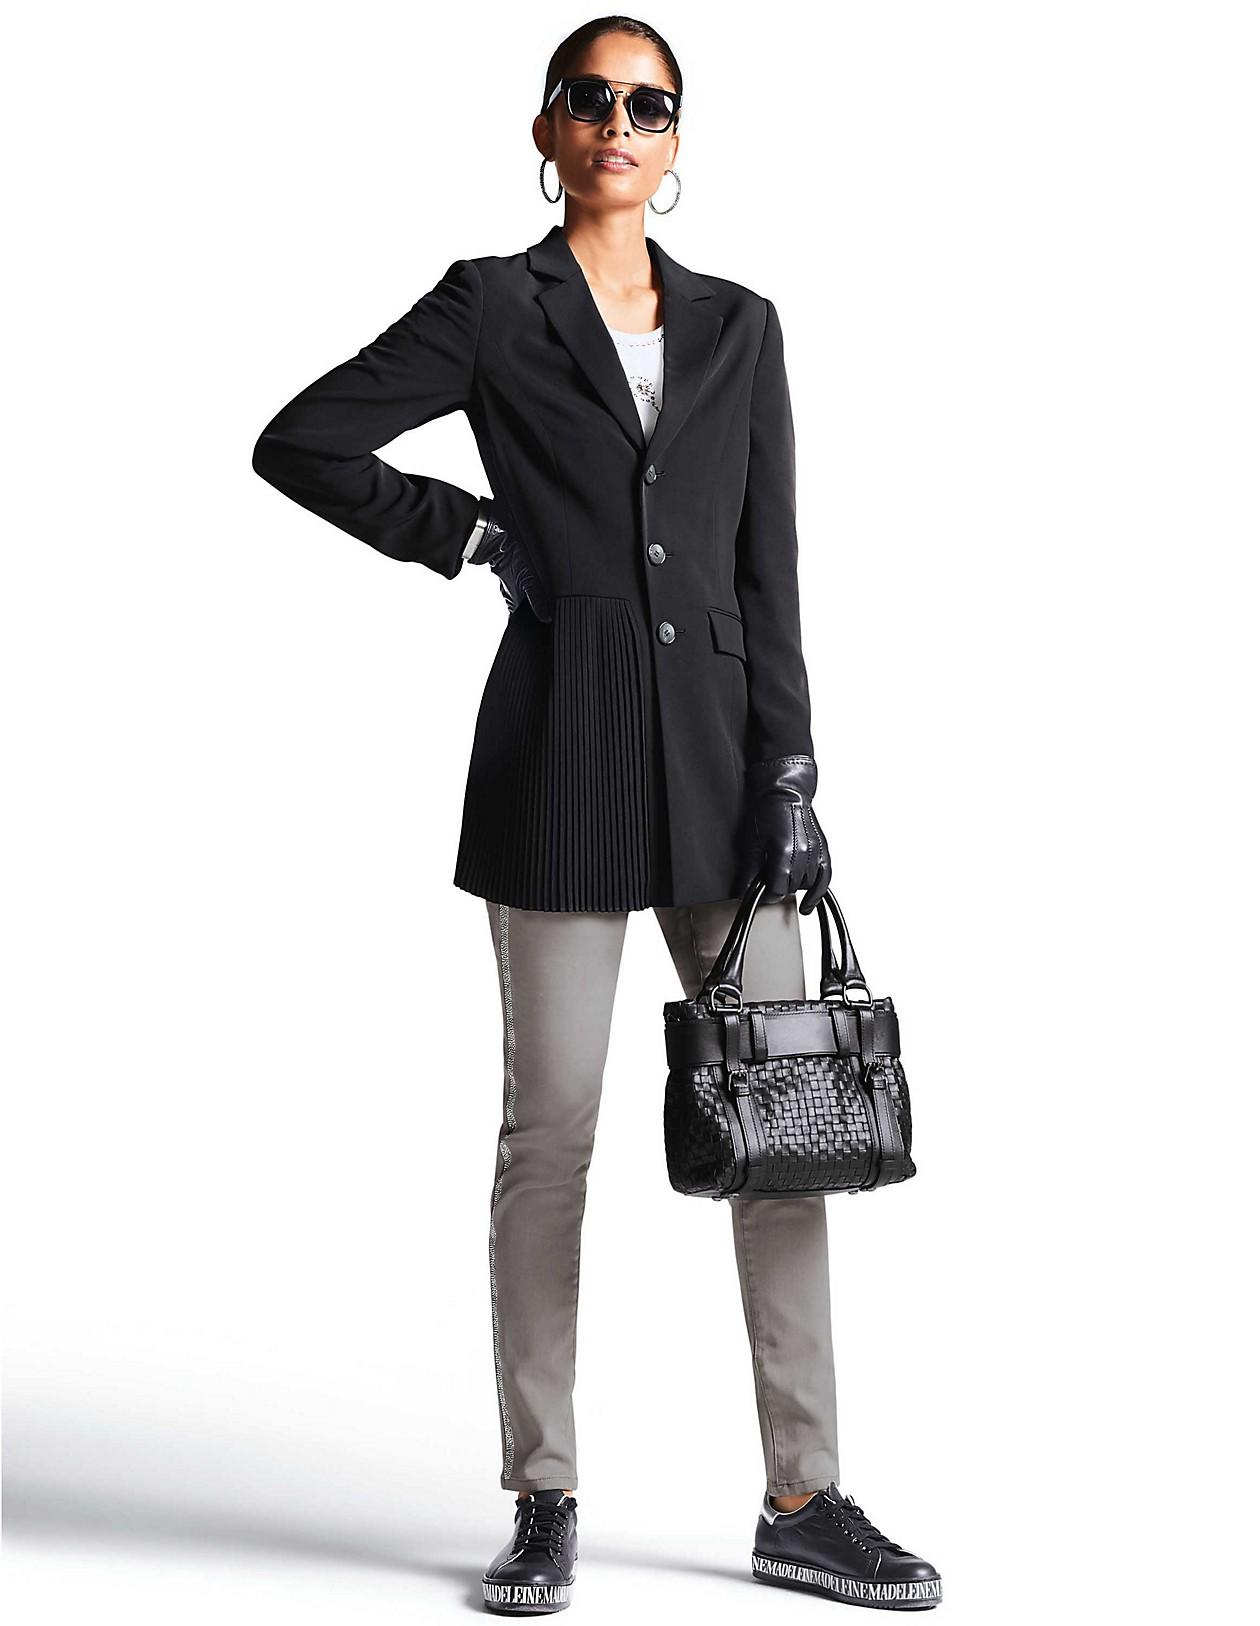 Blazer mit Plissee, schwarz, schwarz | MADELEINE Mode Österreich